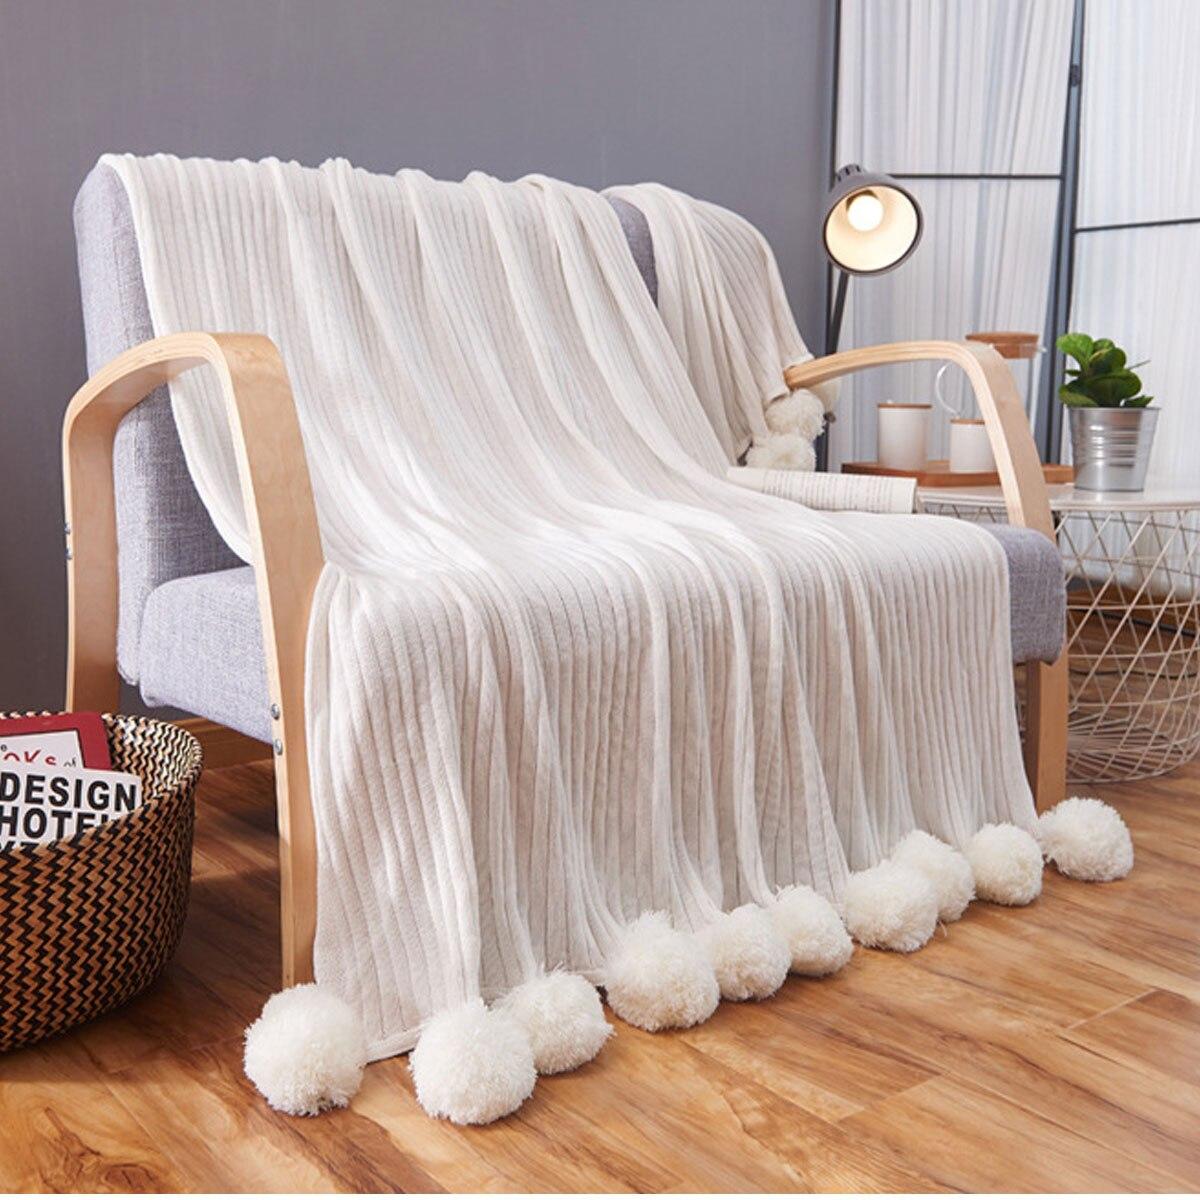 Solide Kwaliteit Katoen Pom Haak Draad Deken Voor Baby Volwassenen Twin Size Bed Gebreide Gooit Bed Sofa Thuis Decor 100x105 Cm